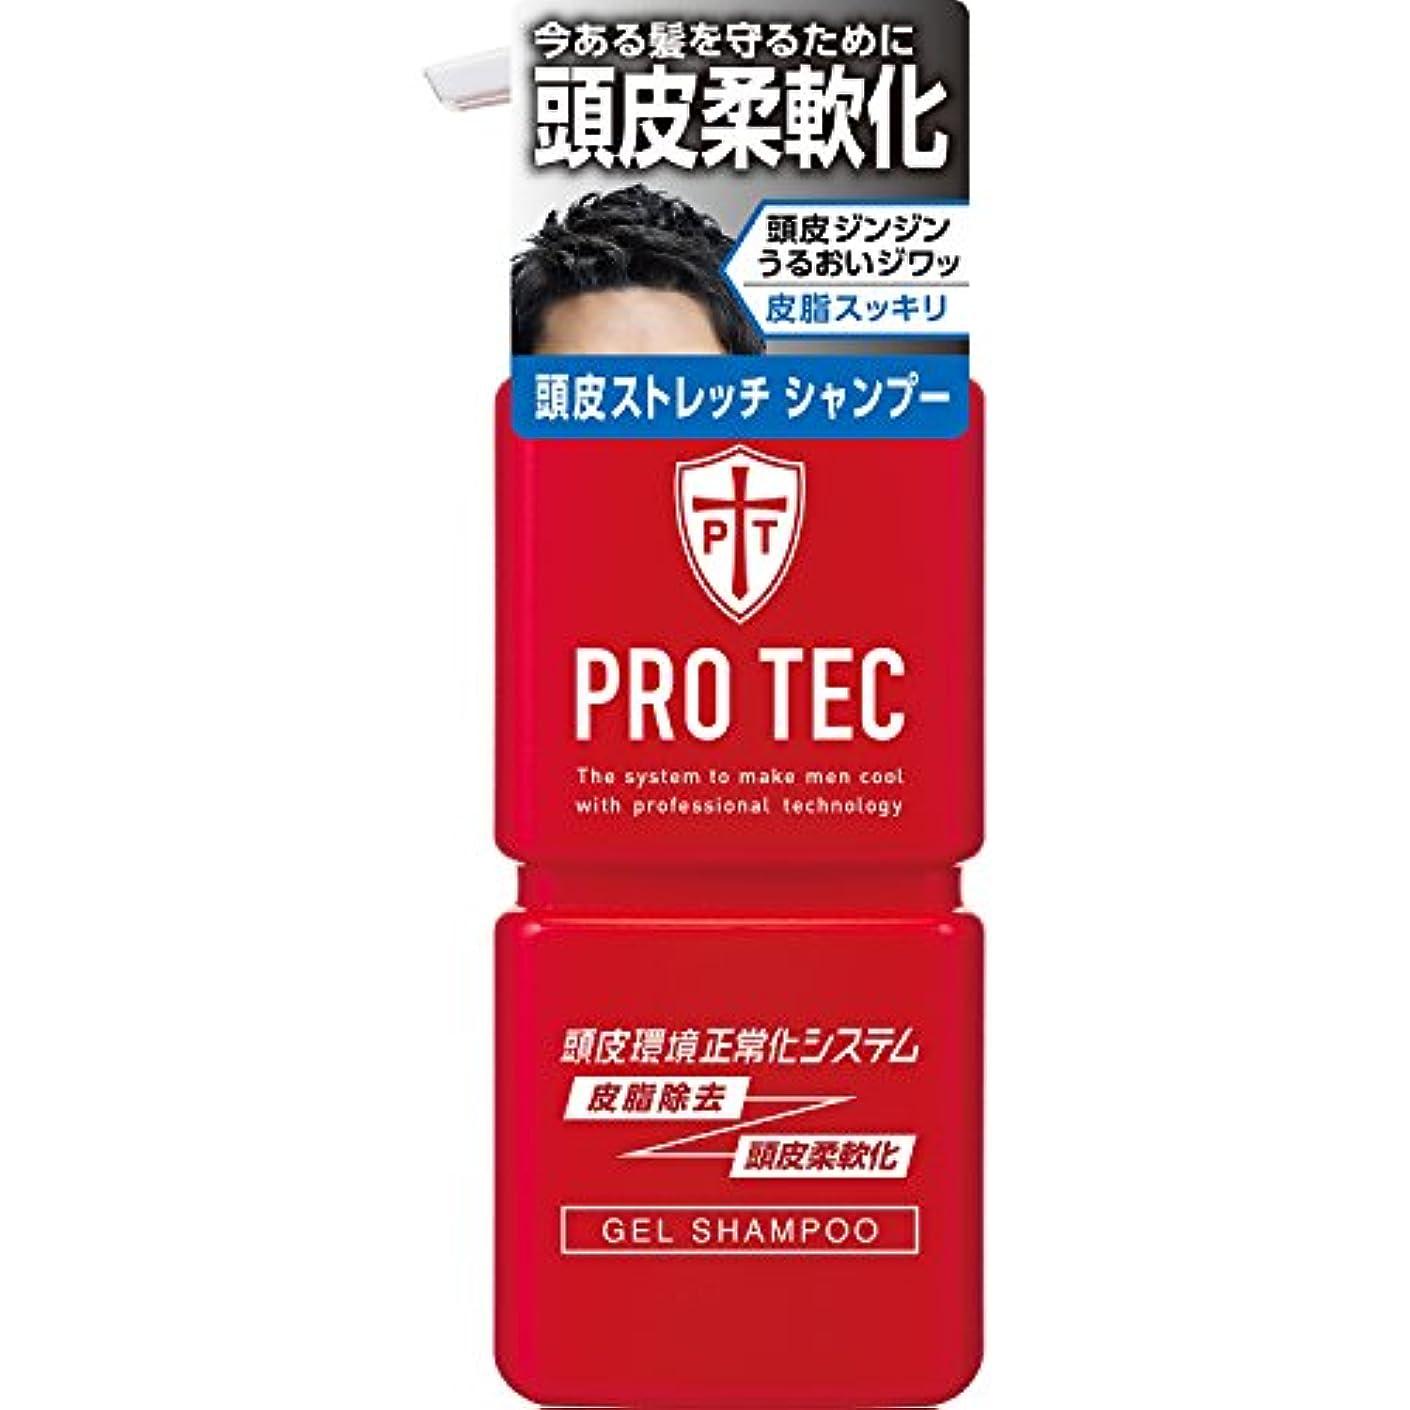 痴漢意外財政PRO TEC(プロテク) 頭皮ストレッチ シャンプー 本体ポンプ 300g(医薬部外品)